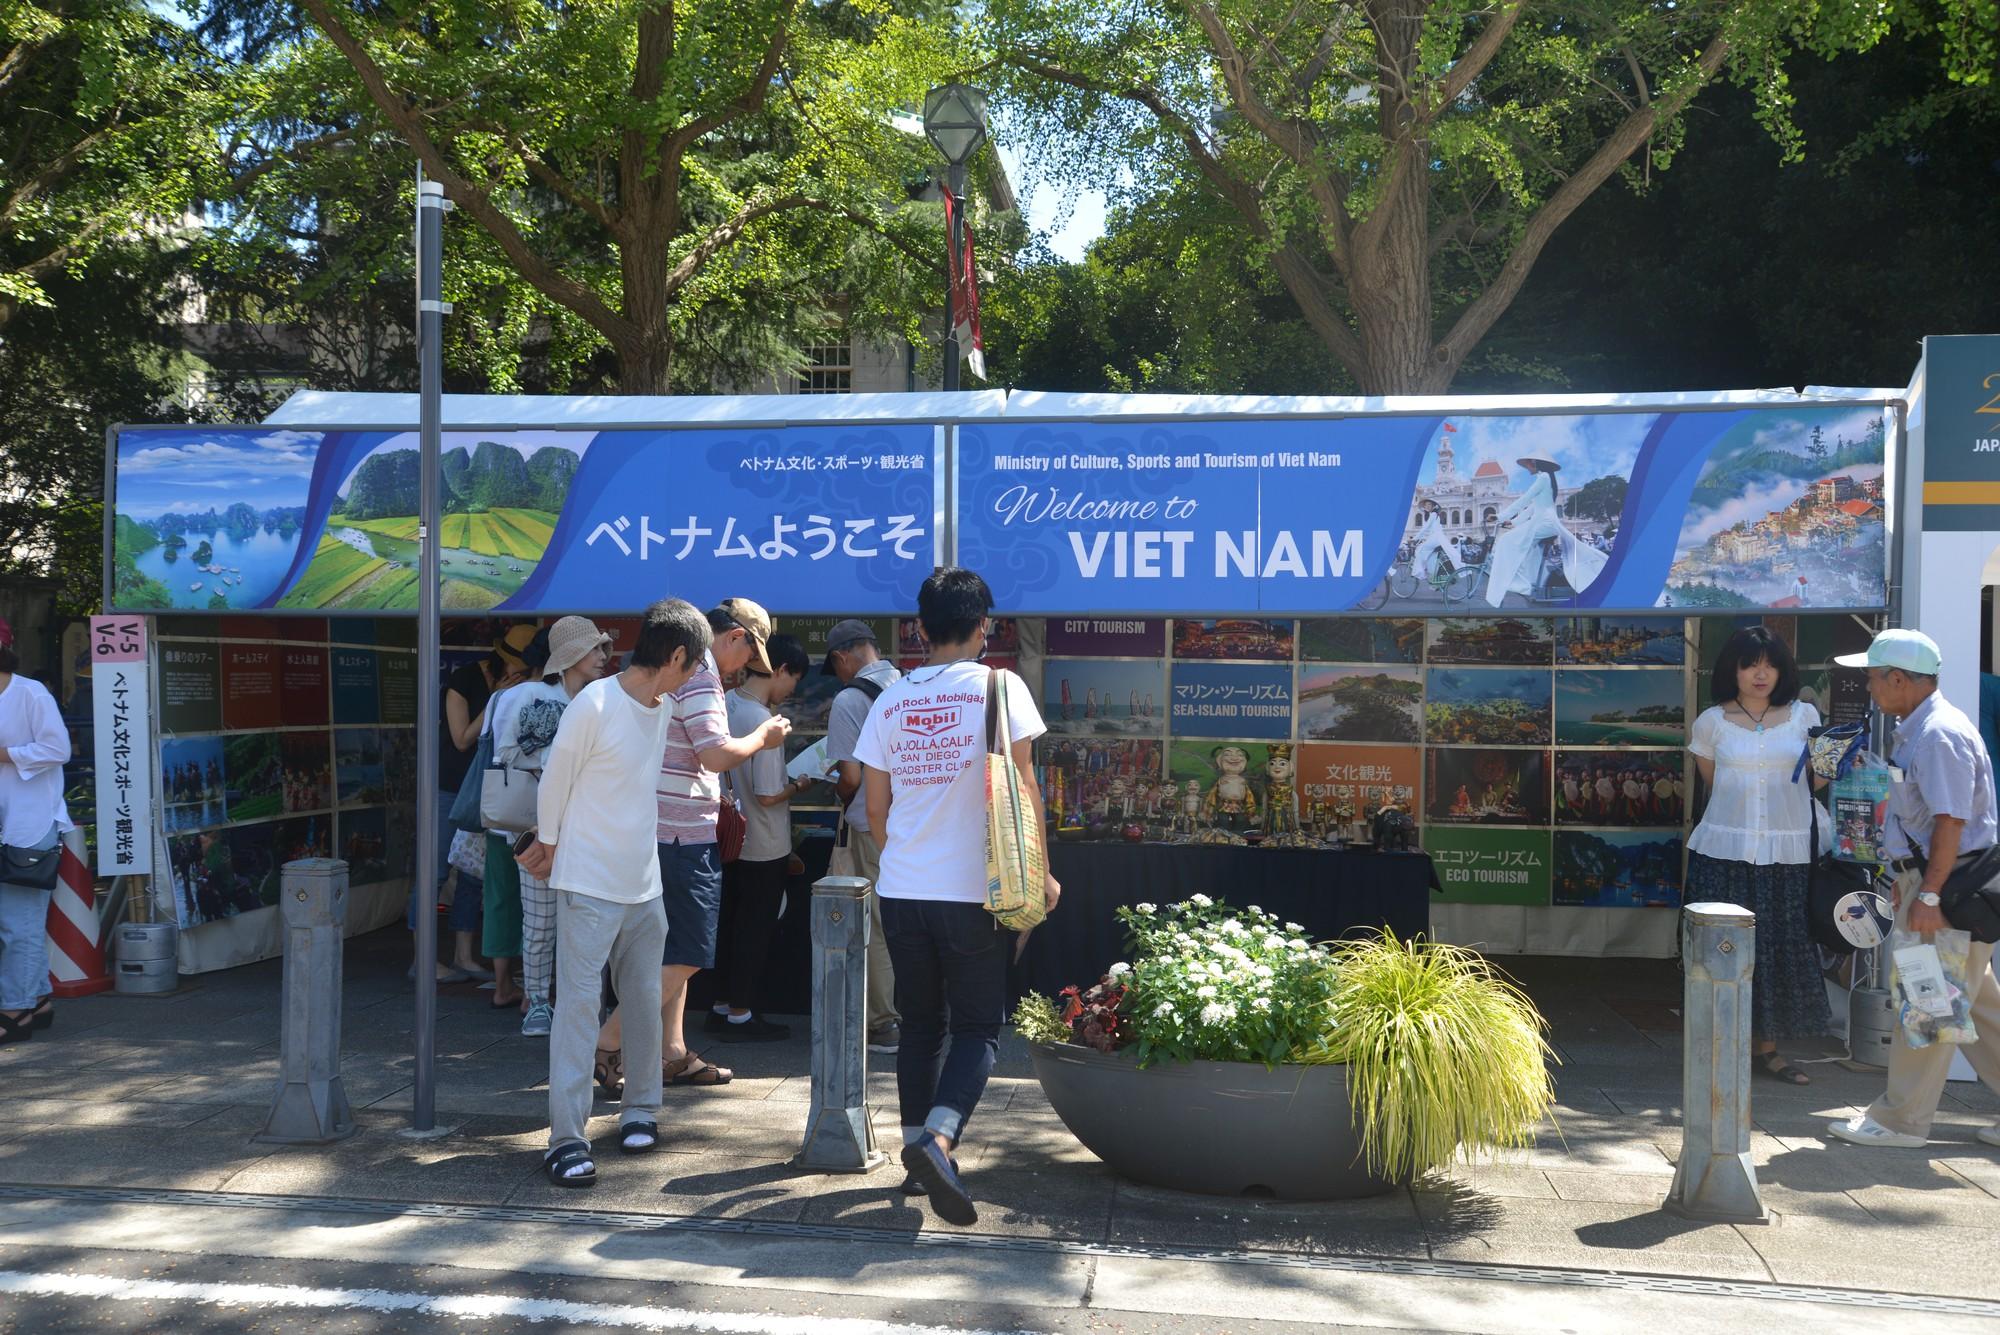 Khai mạc Lễ hội Việt Nam tại Kanagawa 2019, Nhật Bản - Ảnh 6.